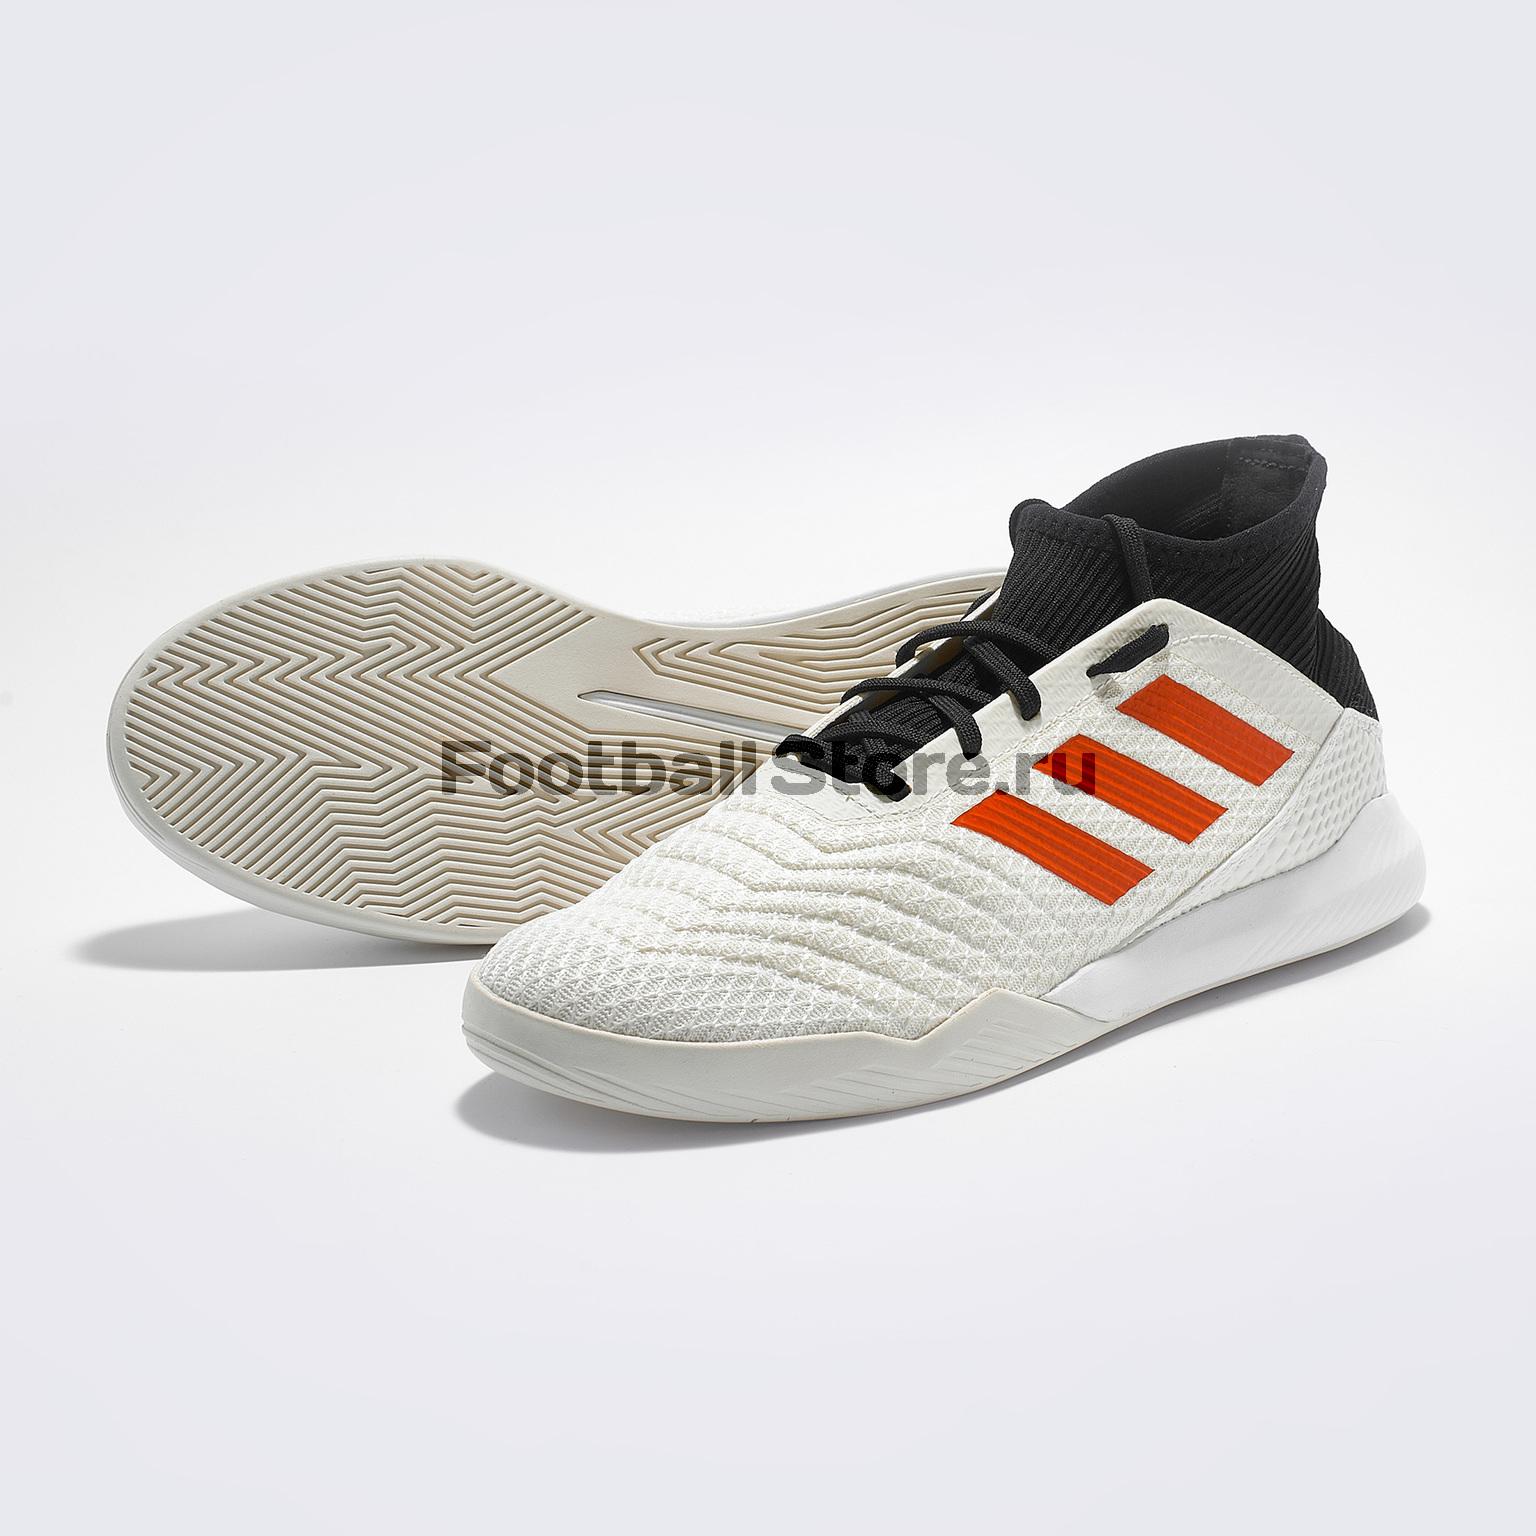 Футбольная обувь Adidas Predator Pogba 19.3 TR G26317